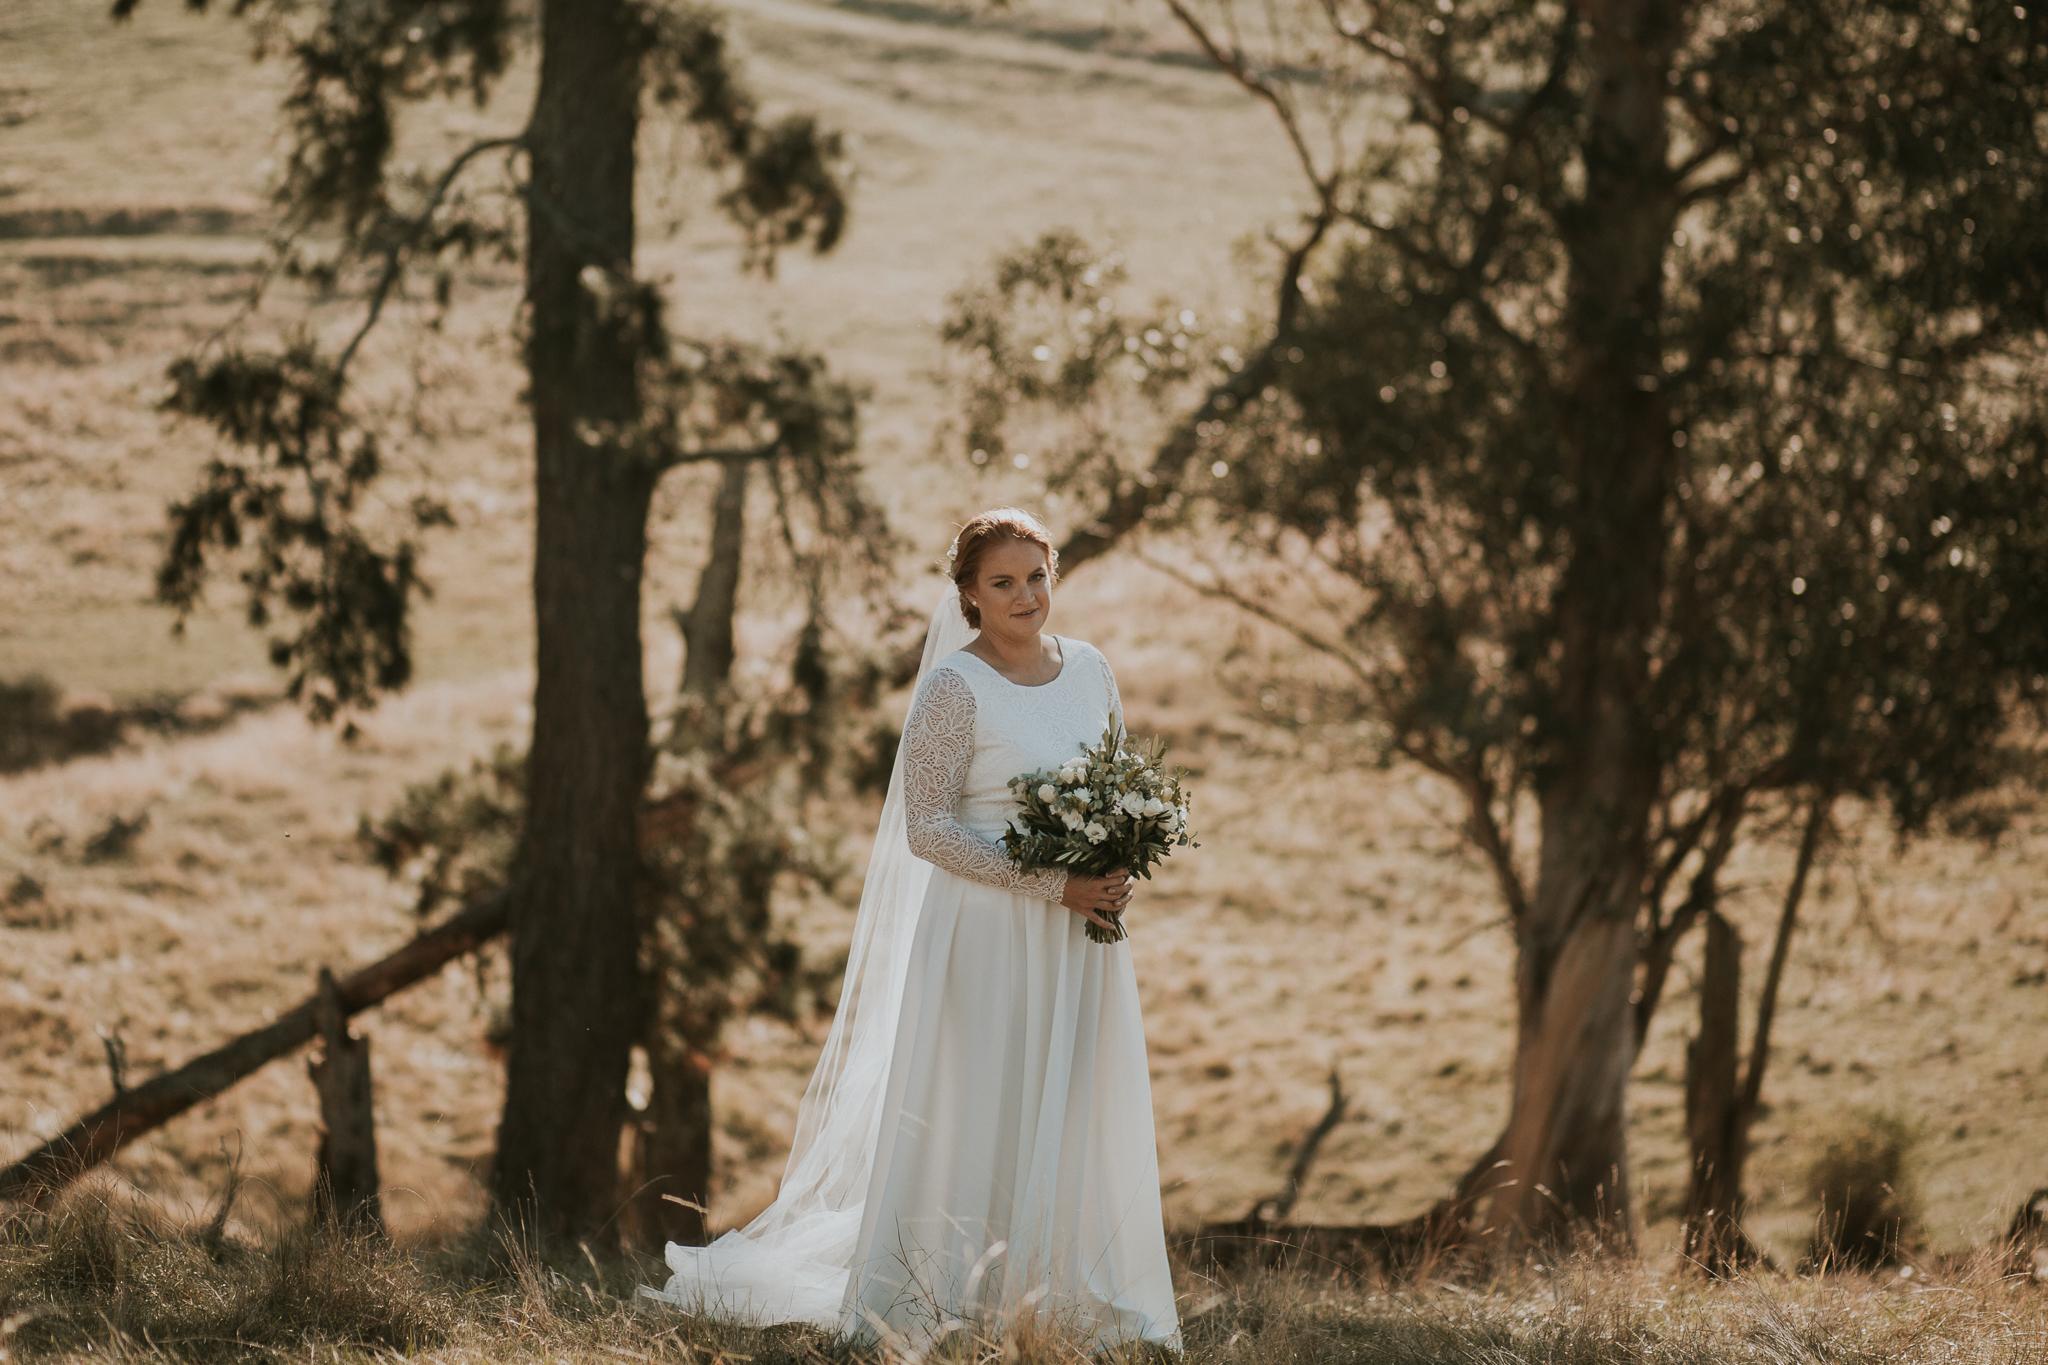 wedding photographer hawkes bay , Lisa Fisher Photography, Selini Winery Wedding -173.jpg